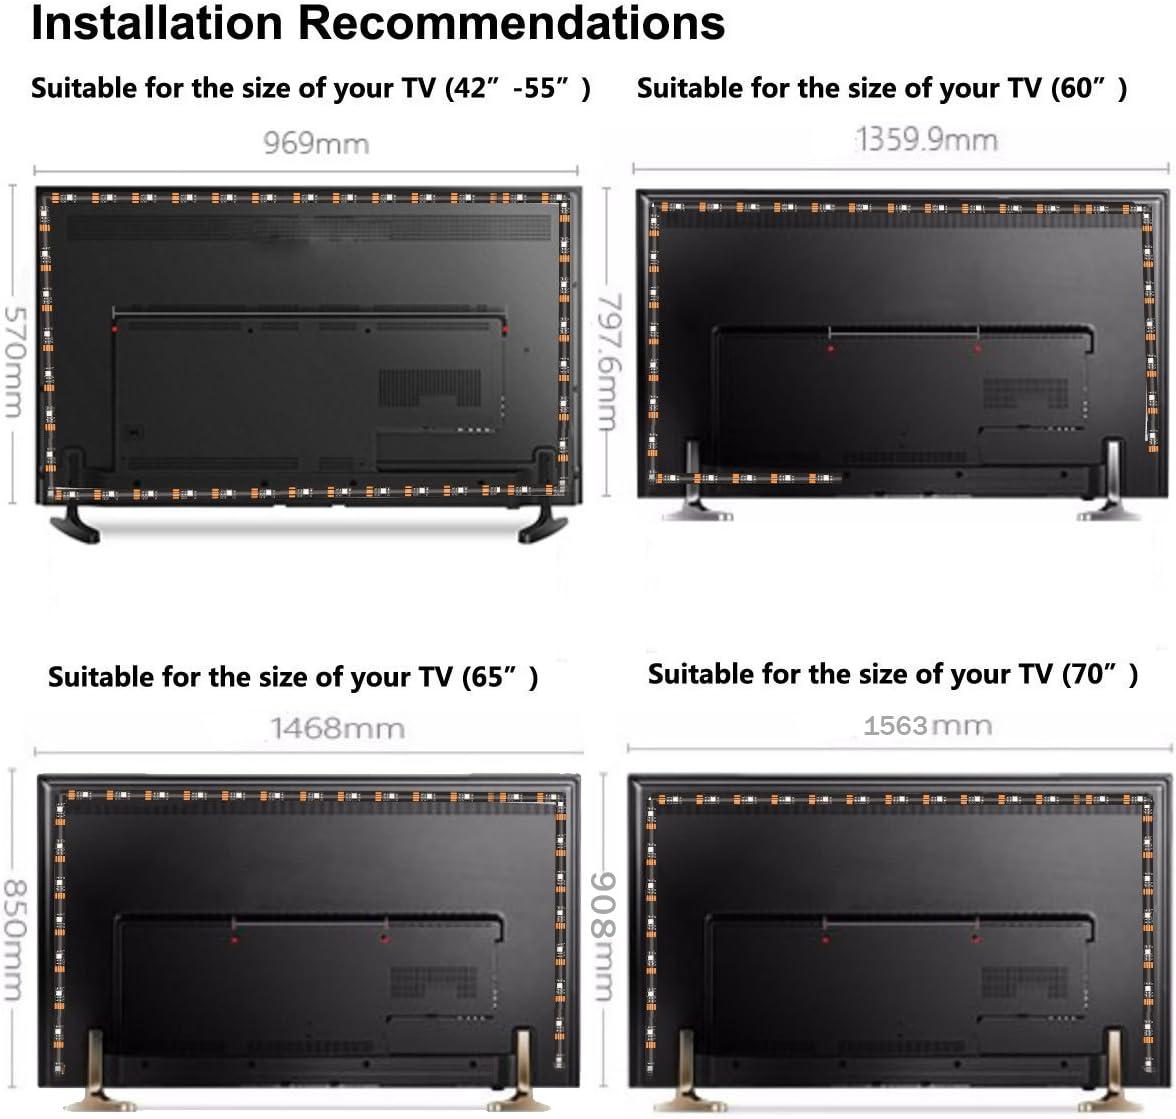 LEBRIGHT Led TV Tira 300cm Bias Iluminación Behind 60 65 70 pulgadas HDTV USB LED Tira de luz TV Montaje en pared Cine Decoración de cine Luces de estado de ánimo, RF